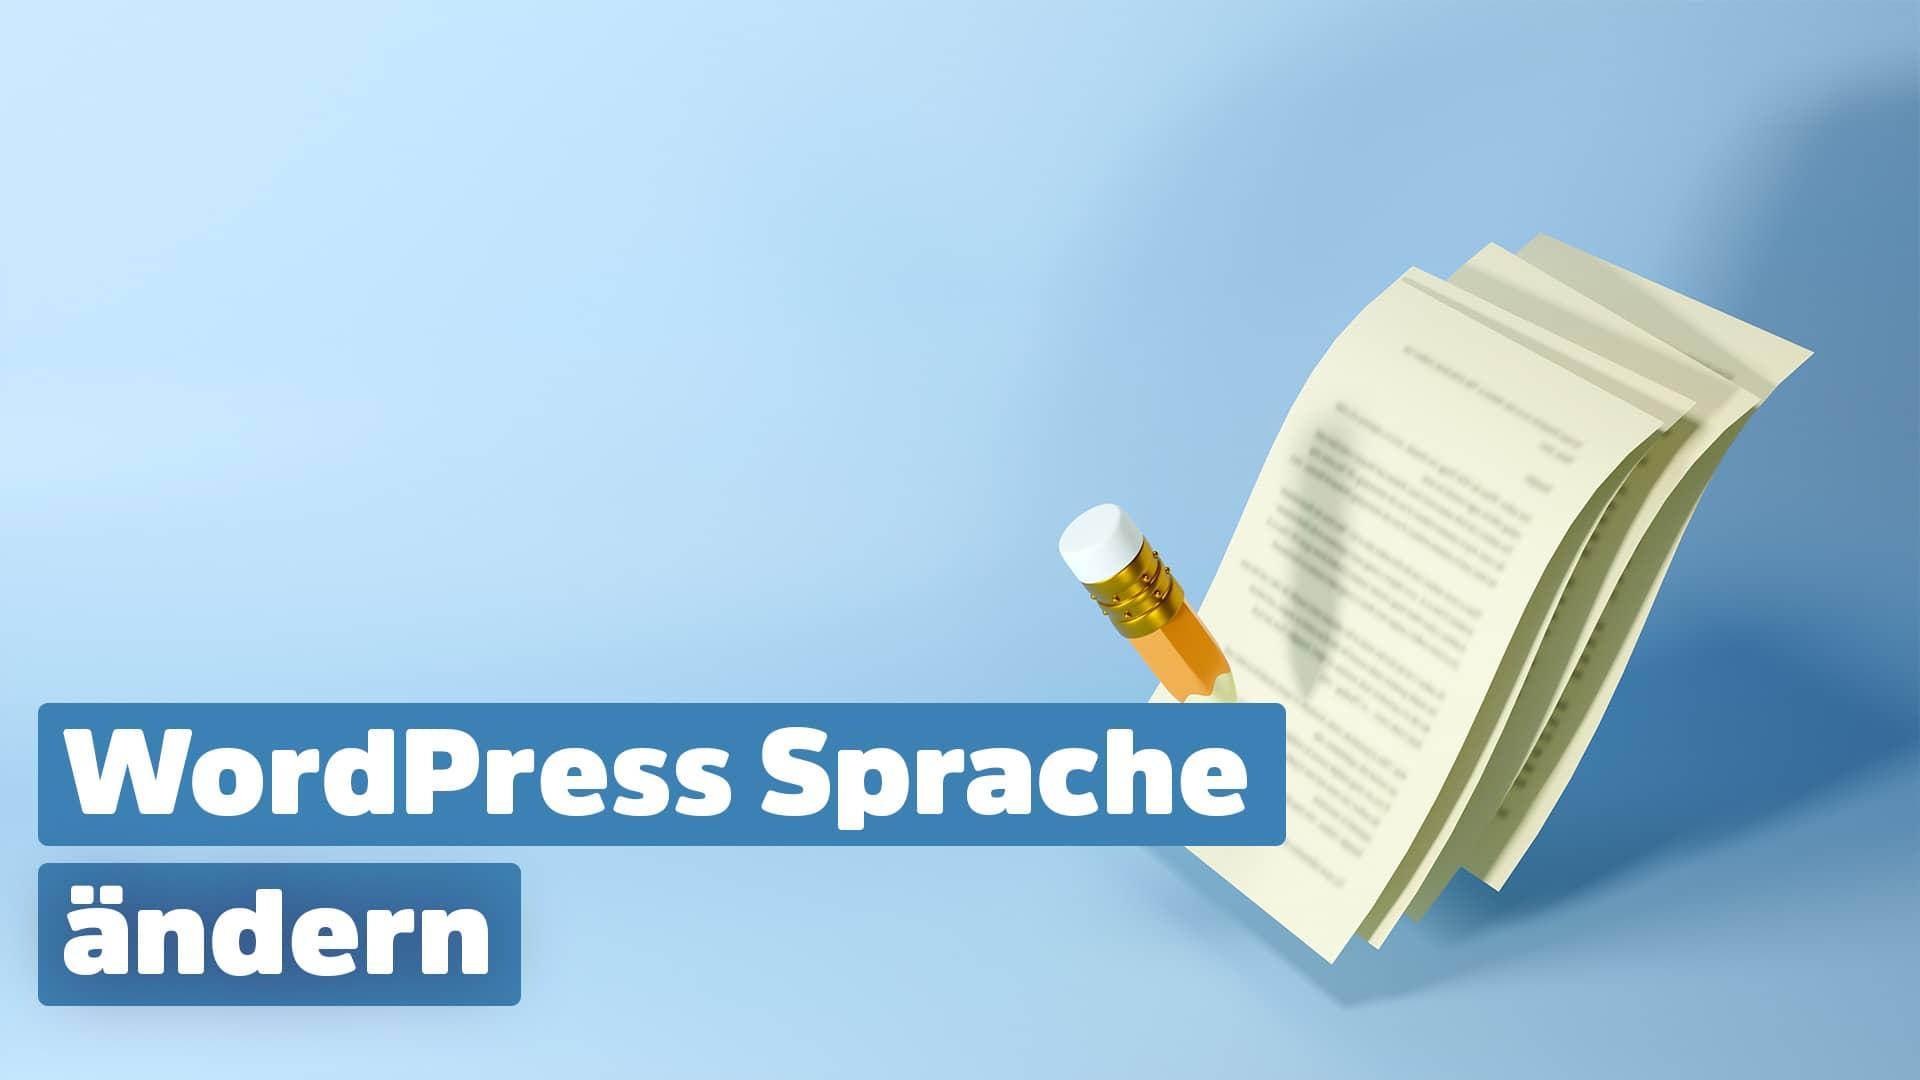 WordPress Sprache ändern